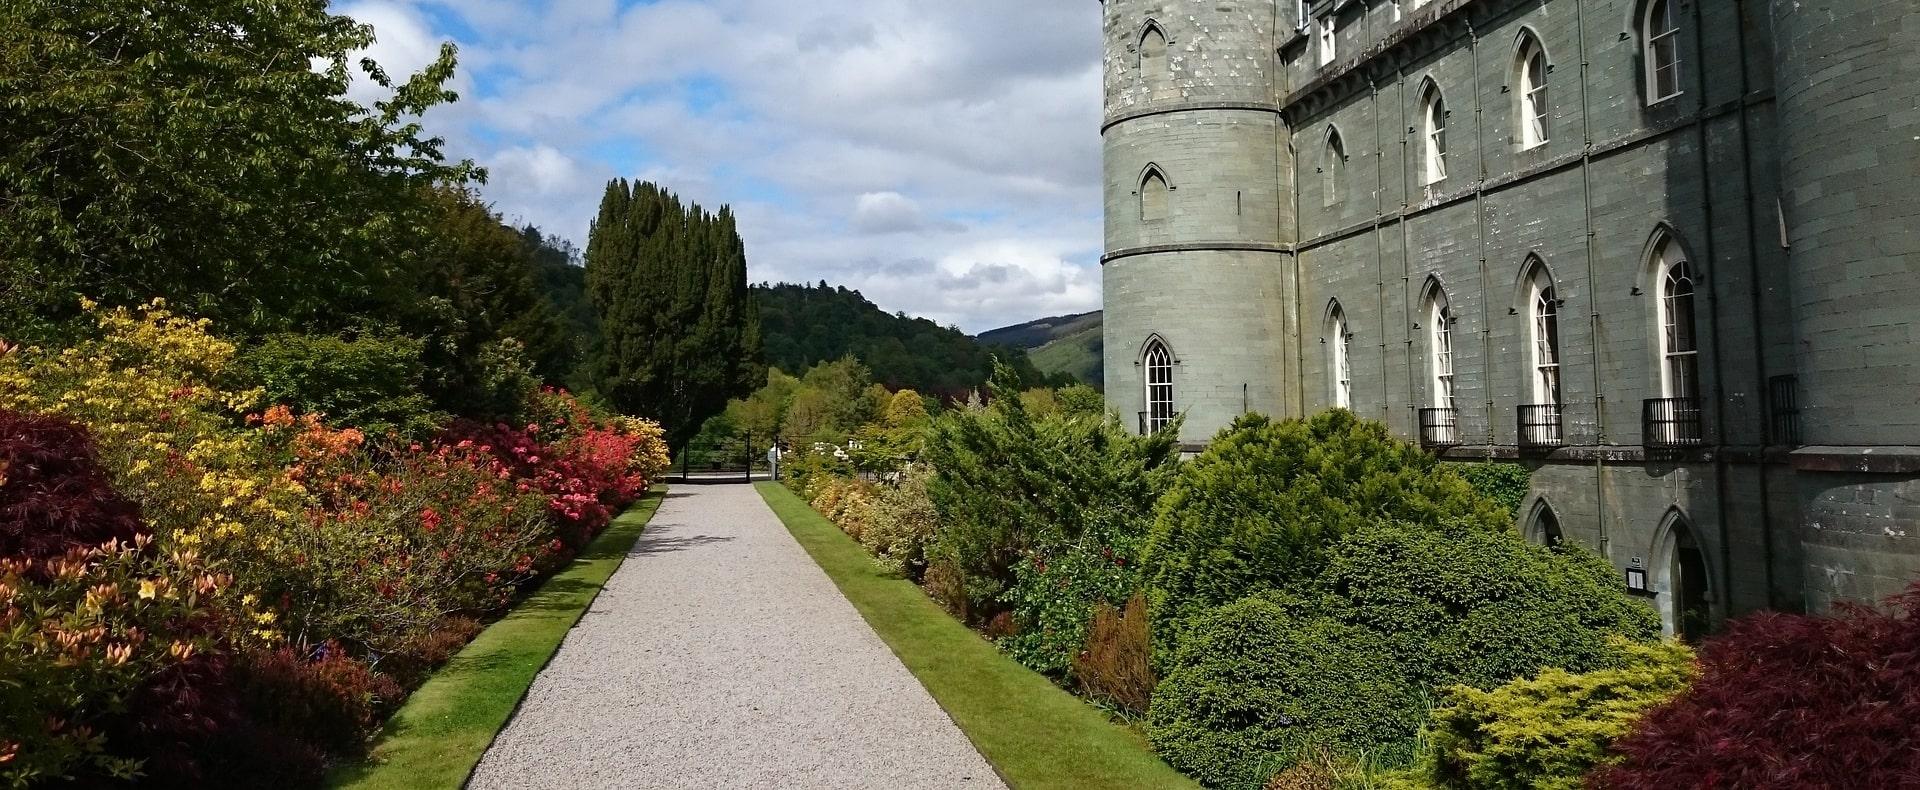 Inveraray Castle Experience Gallery